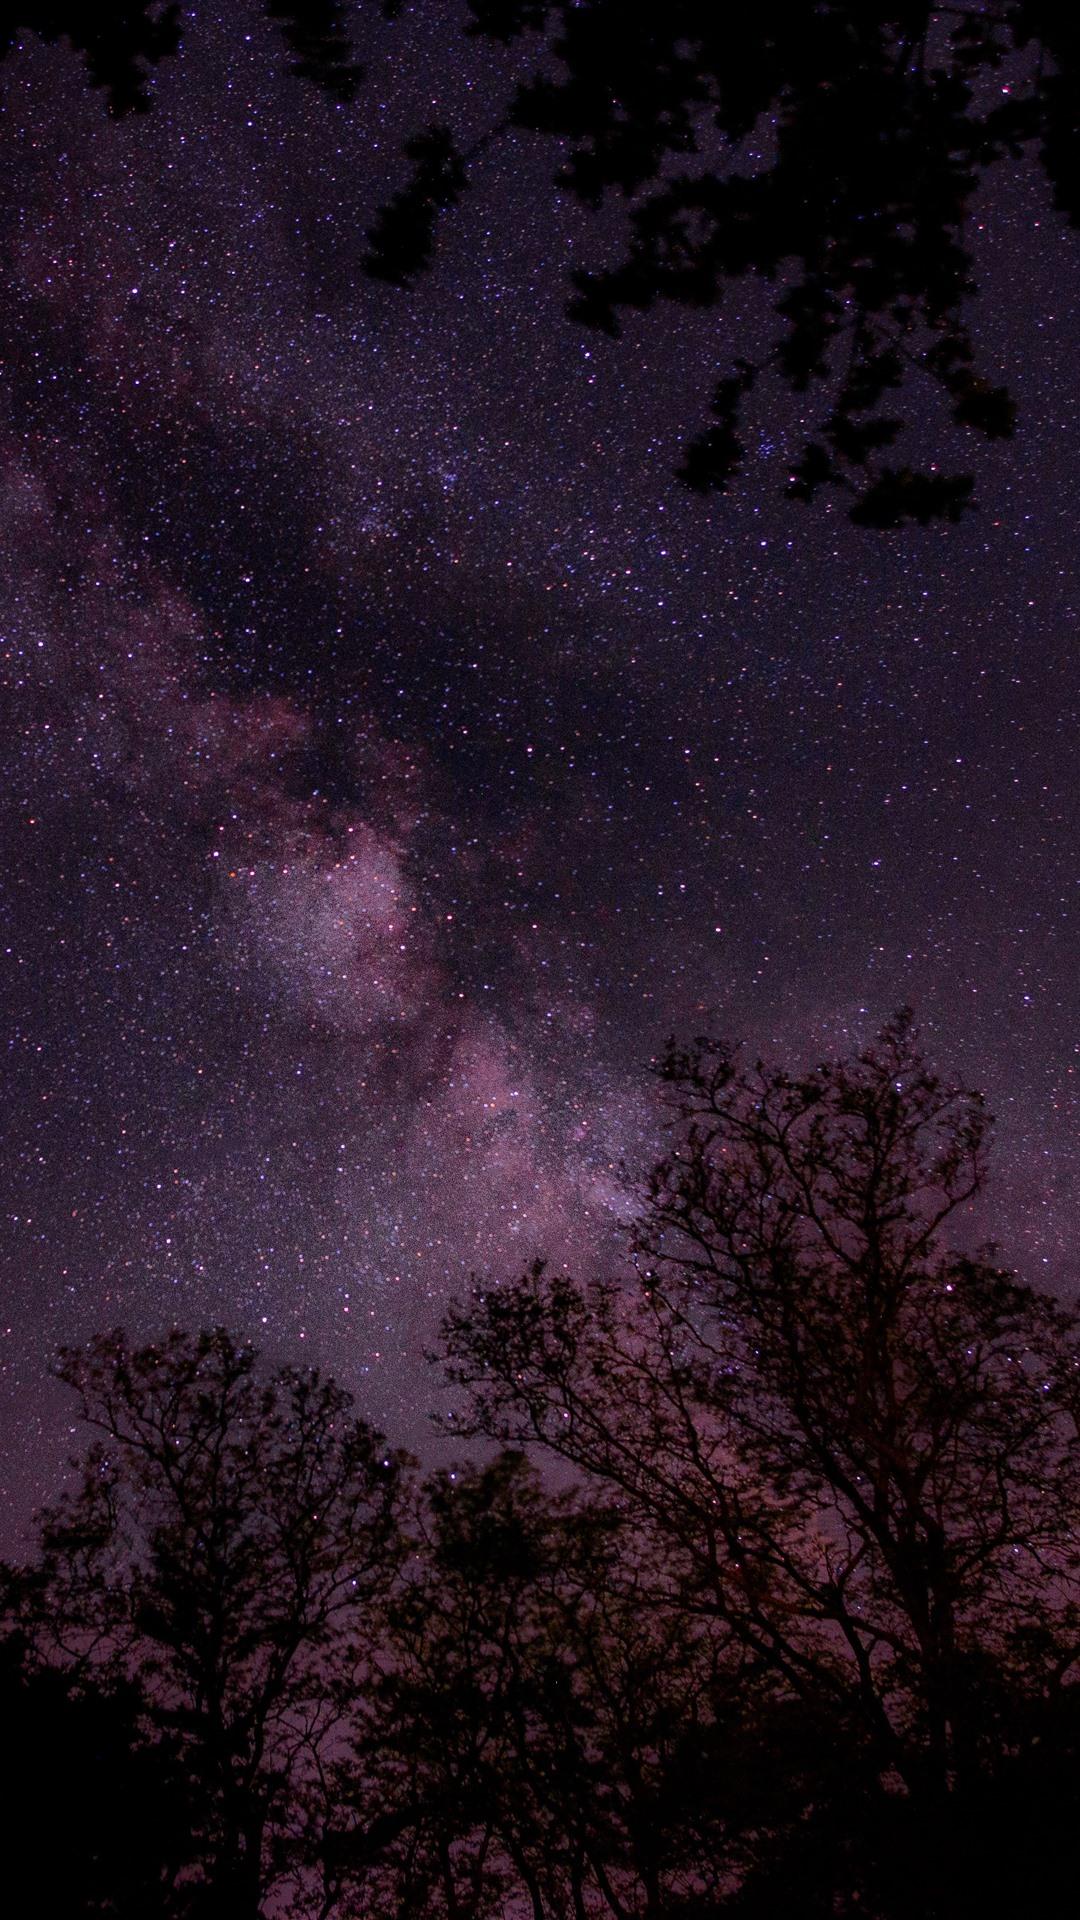 обои на айфон небо со звездами фиолетовое фото, разместим модель